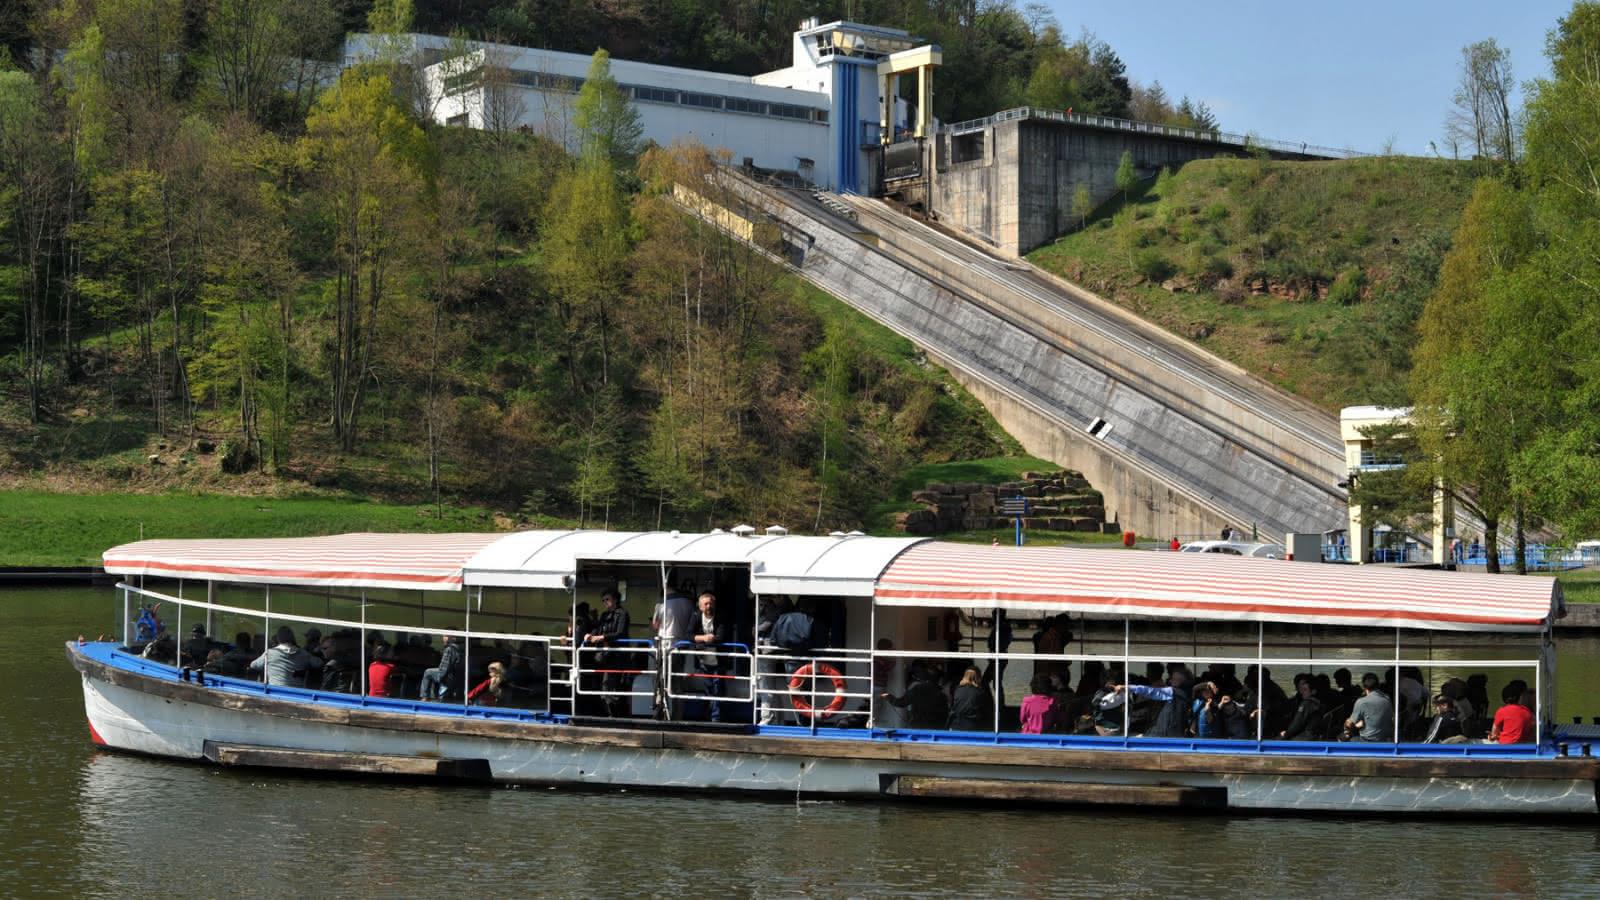 Une Heure Pour Soi Fameck Tarifs boat lift at saint-louis arzviller - lutzelbourg | visit alsace